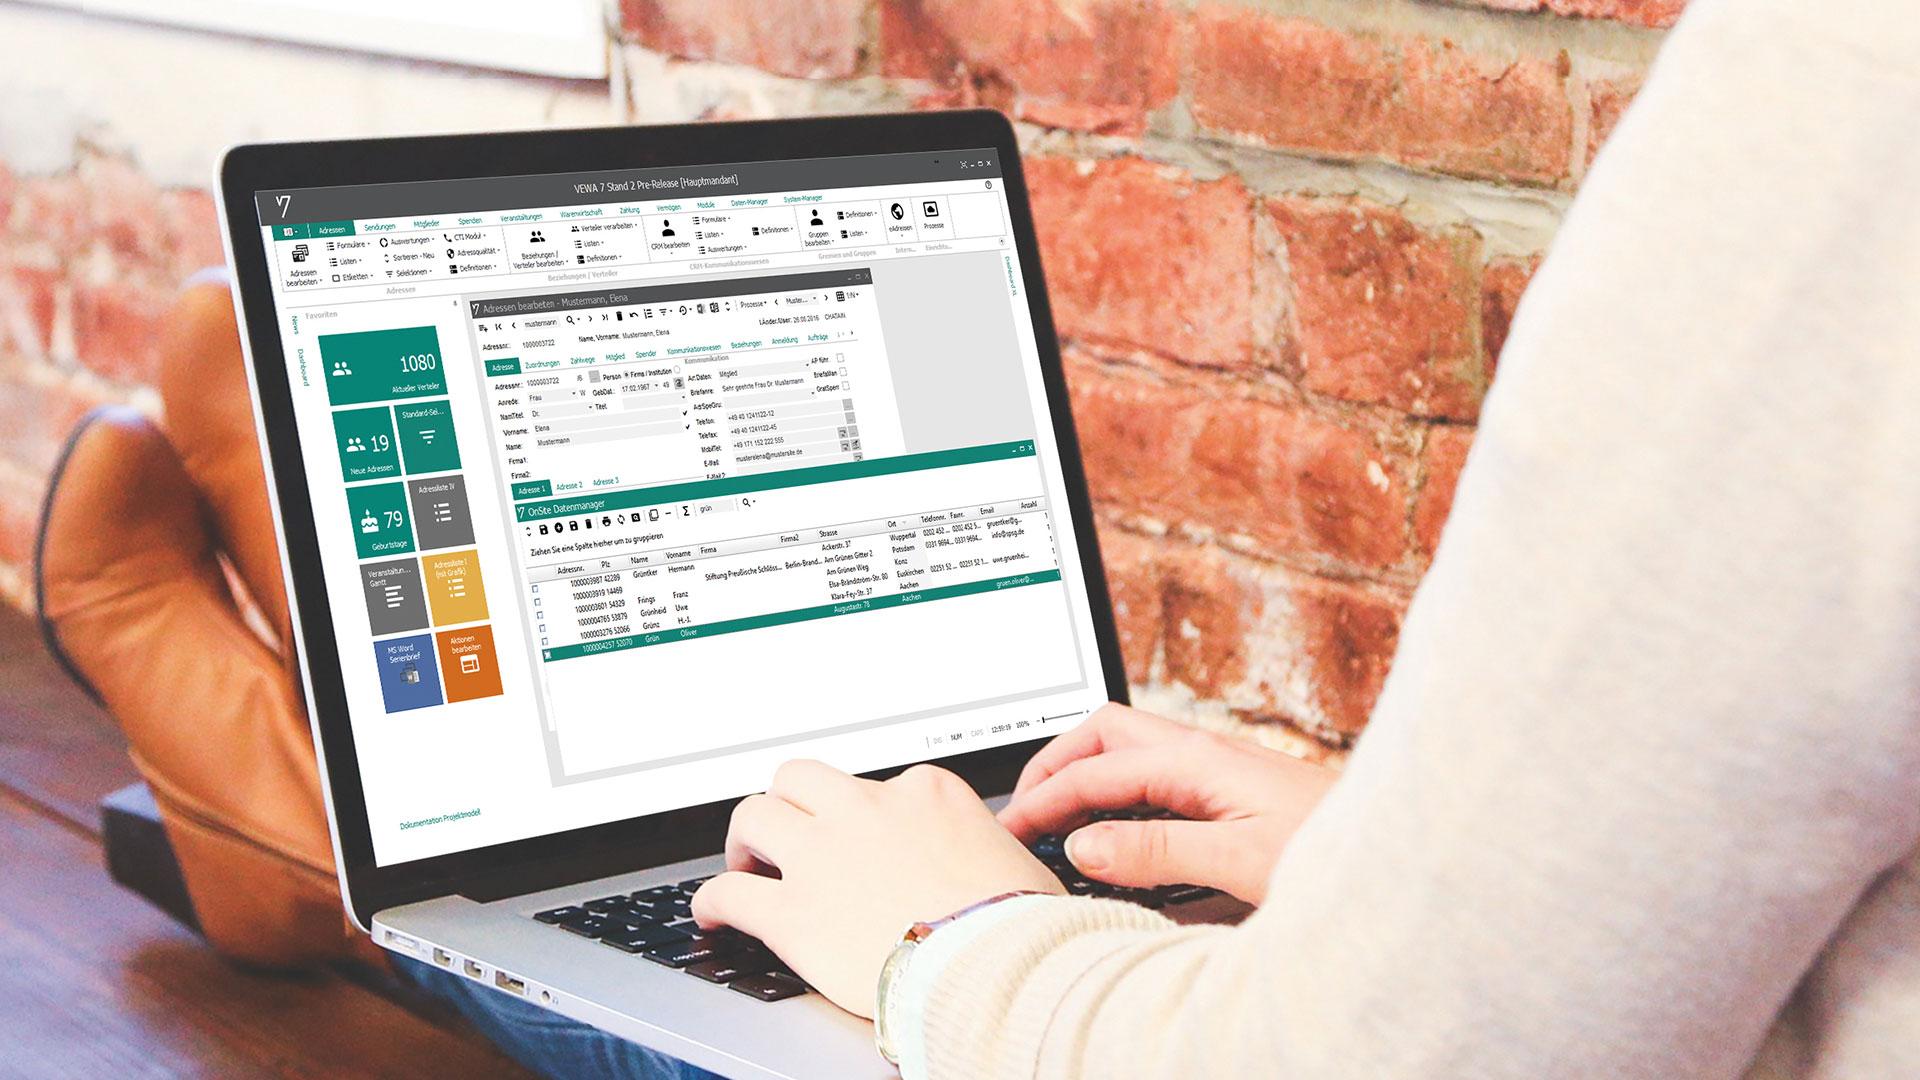 GRÜN VEWA7 - Software für Spendenorganisationen - Dashboard